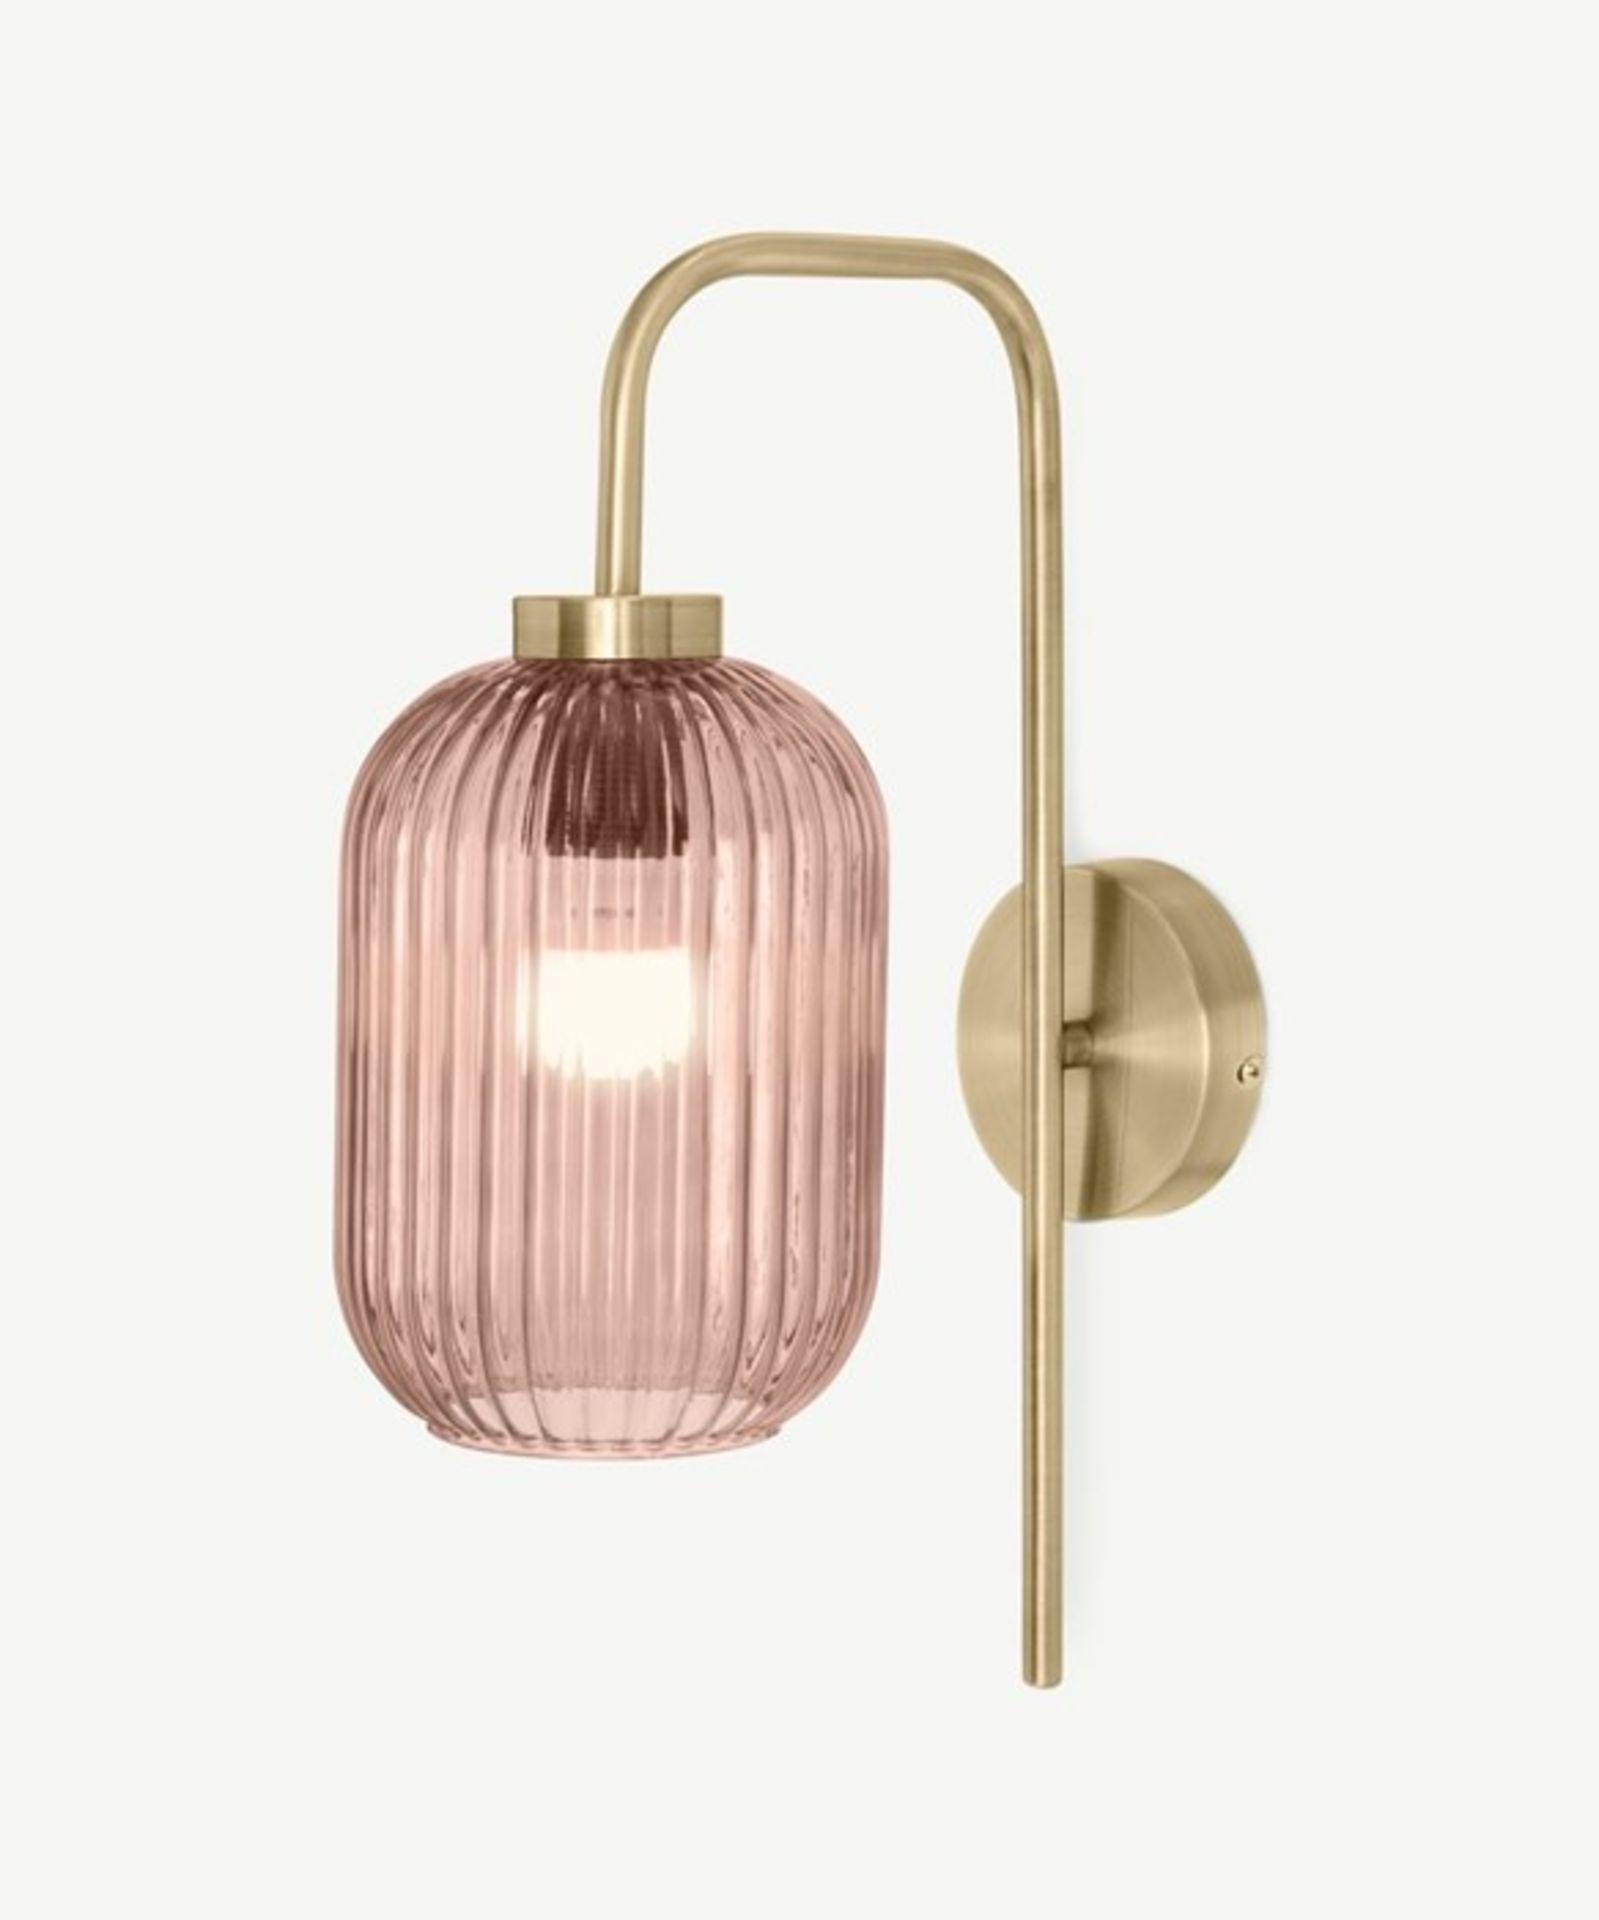 | 1x|Made.com Briz Wall Lamp Antique Brass & Pink RRP £59MAD-WLPBRI004PNK-UK (1j0437/23) 5F